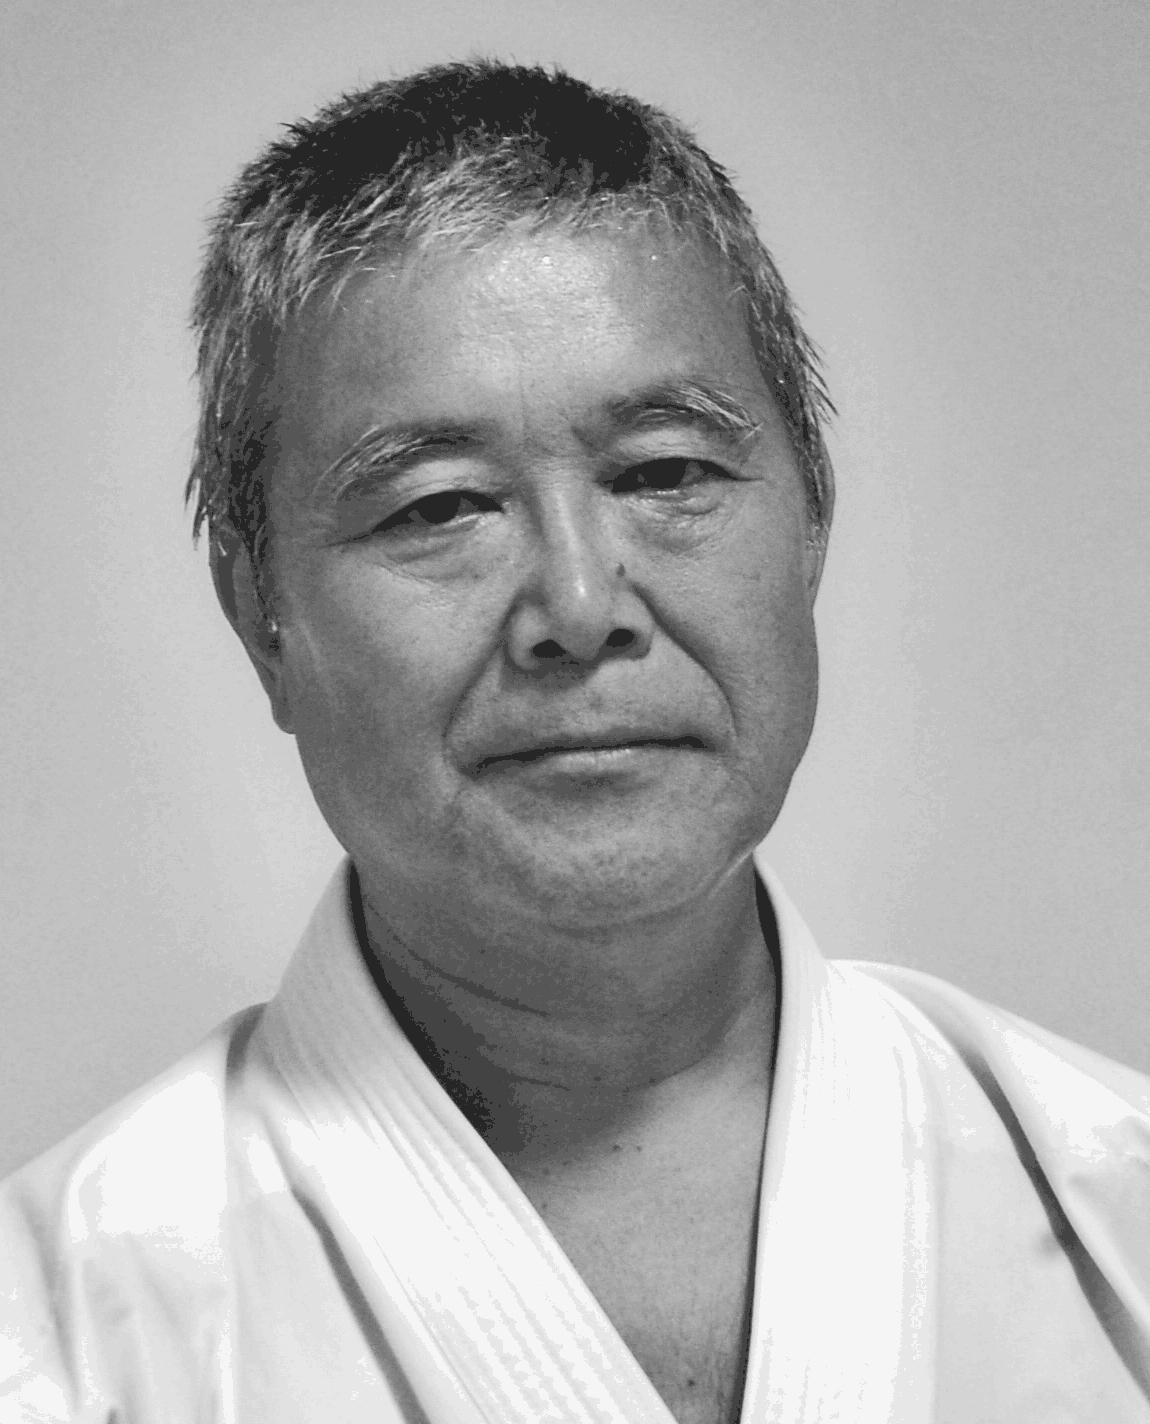 Masafumi Shiomitsu